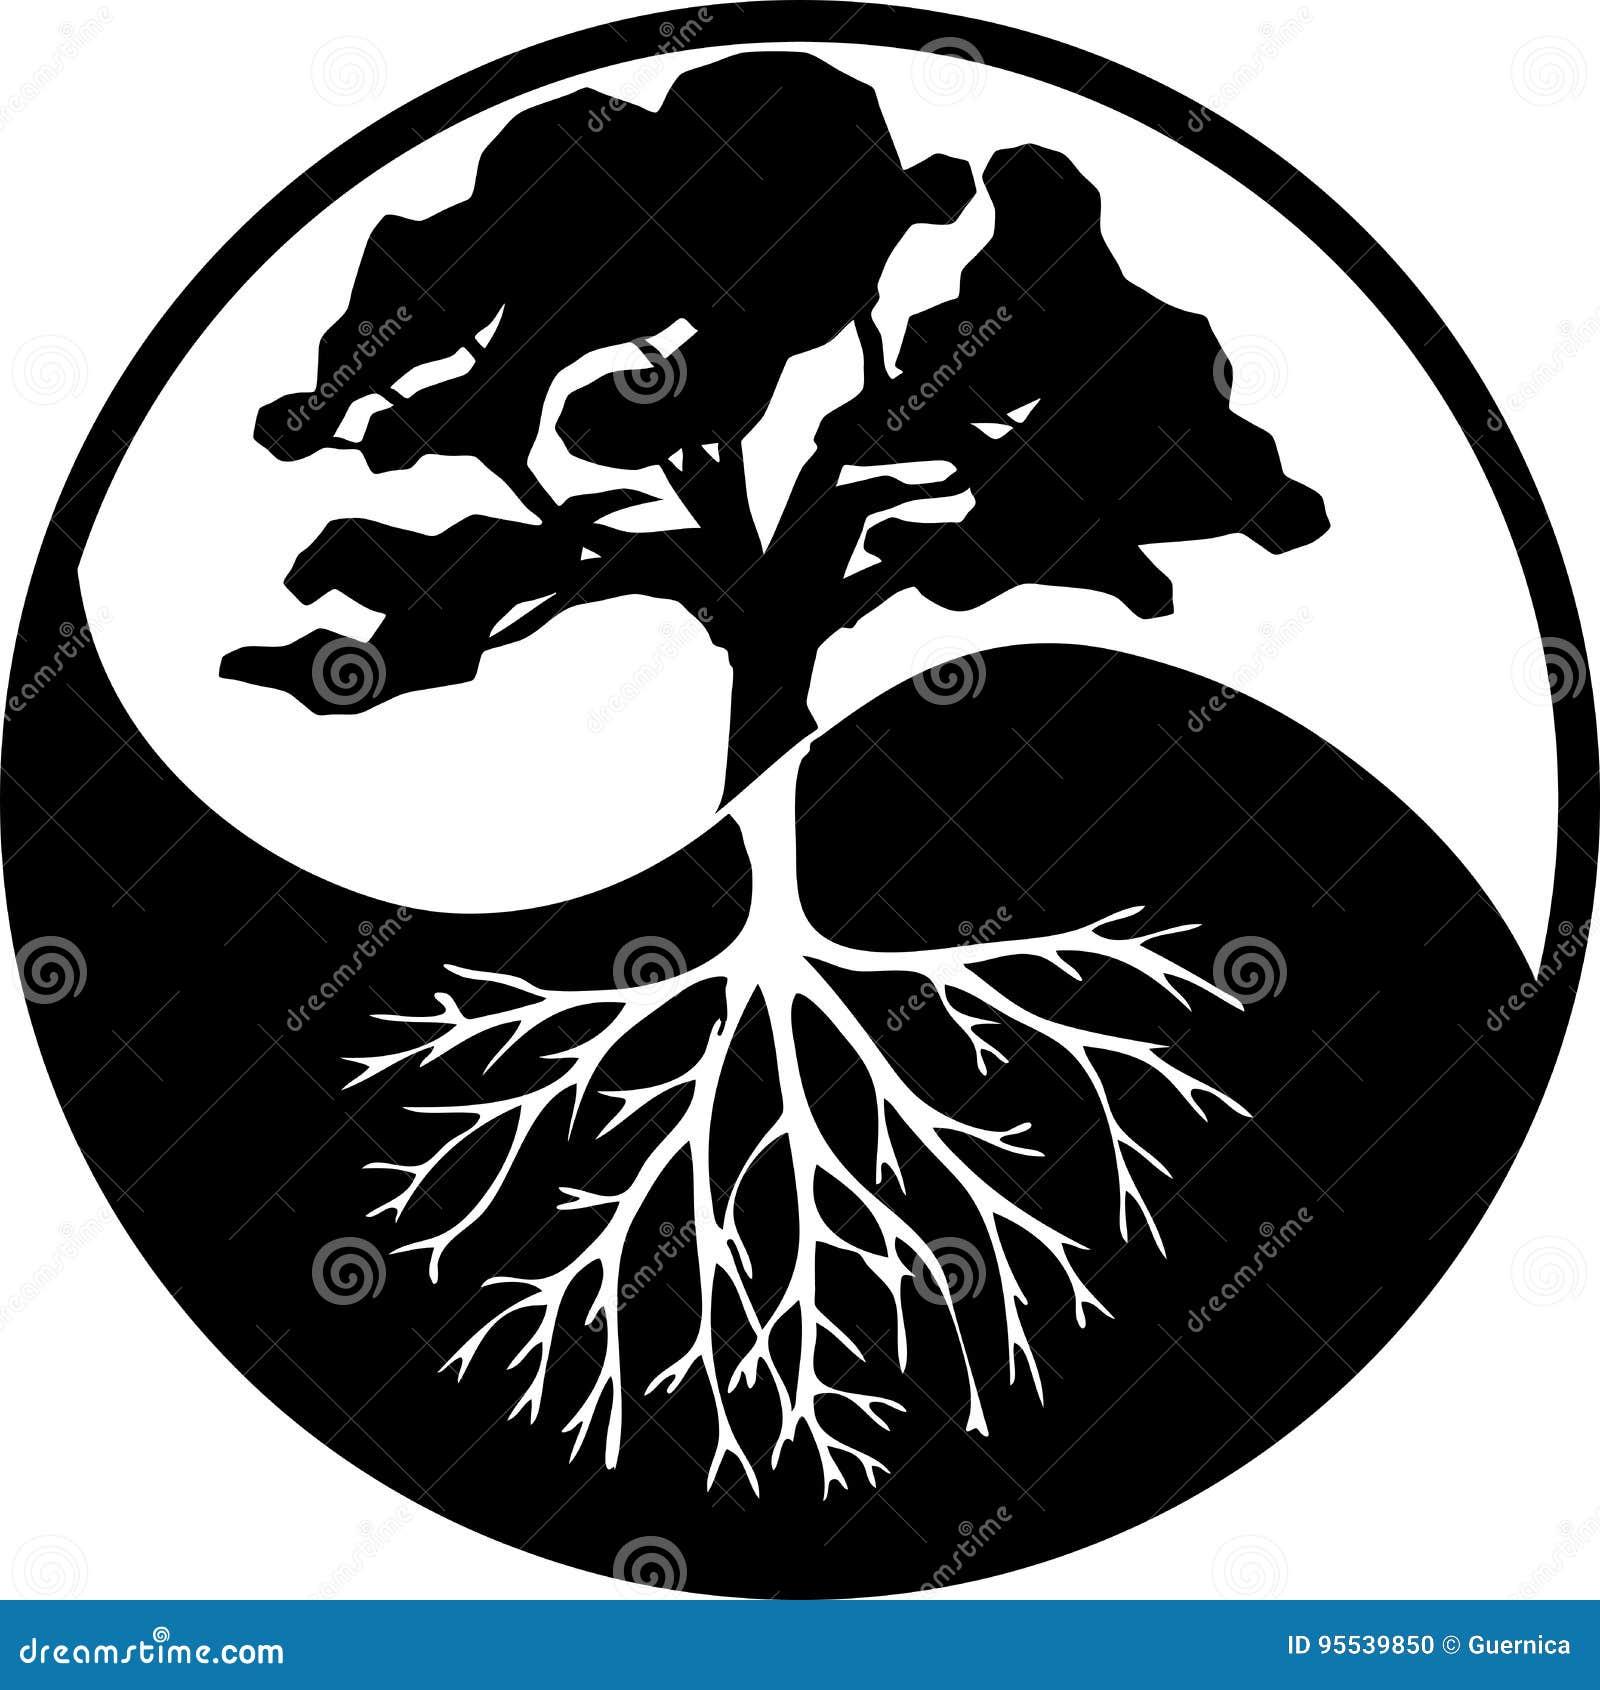 Árvore de Yin yang ao contrário preto e branco